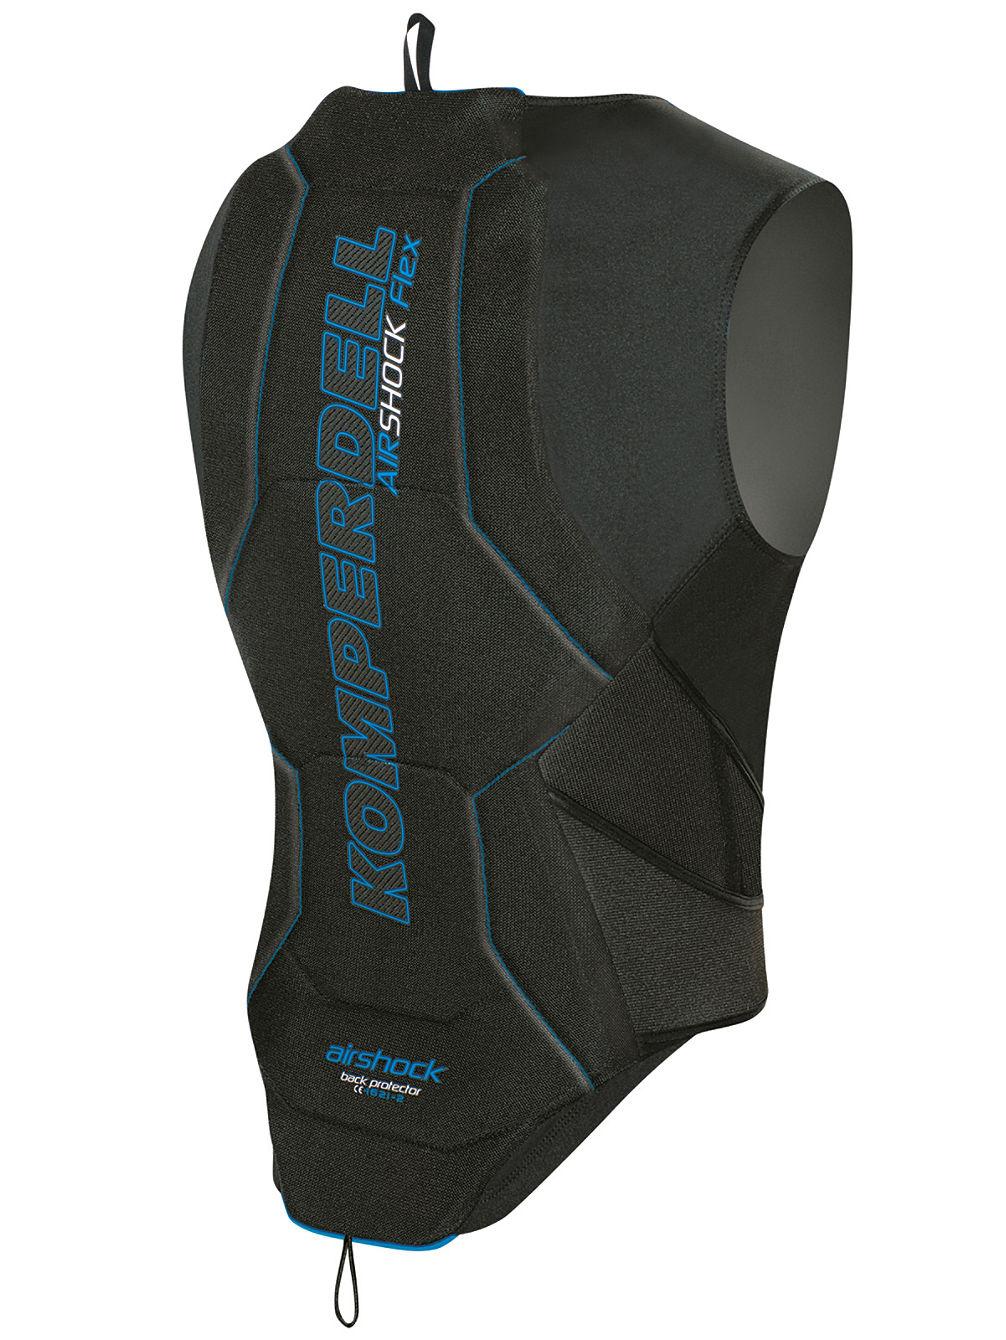 komperdell airshock flex protector vest with belt. Black Bedroom Furniture Sets. Home Design Ideas